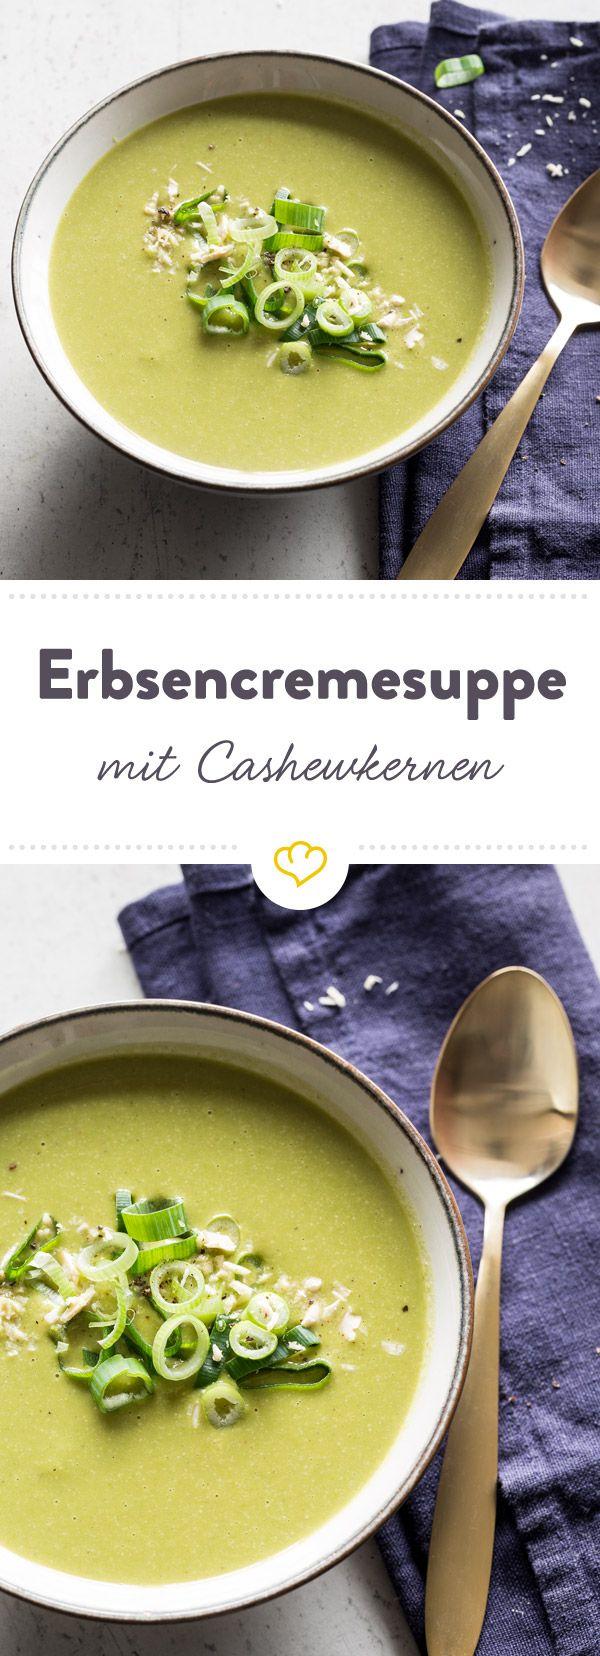 Diese cremige Suppe macht nicht einfach nur satt, sondern auch mit jedem Löffel Lust auf mehr. Schuld daran könnten Erbsen, Sellerie und Cashwerkernen sein.